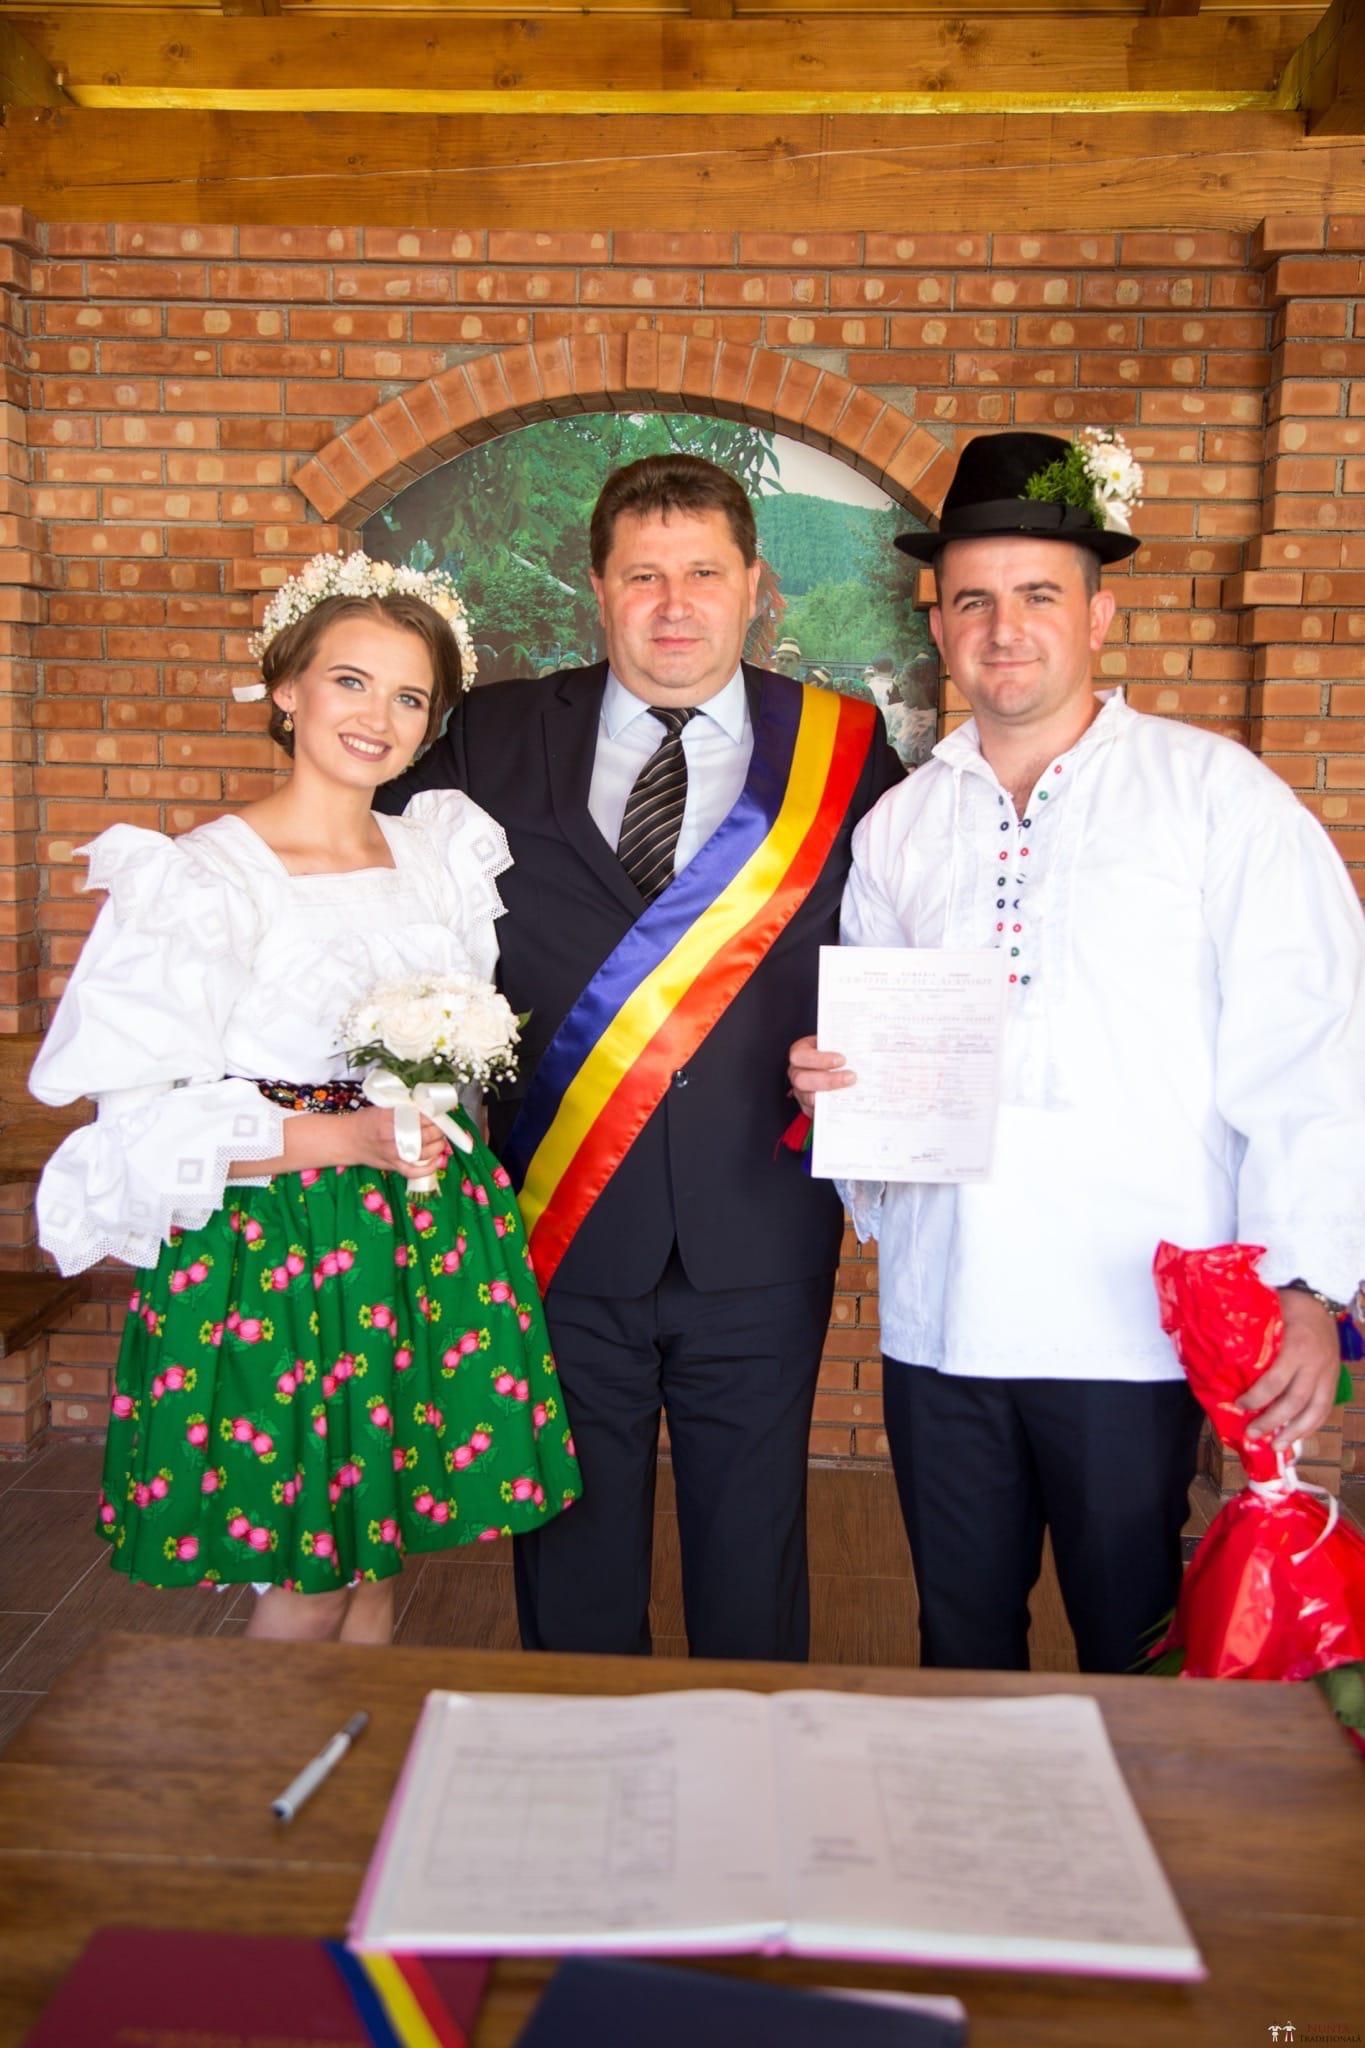 Povești Nunți Tradiționale - Ancuța și Nicu, cununie tradițională în Giulești, Maramureș 24